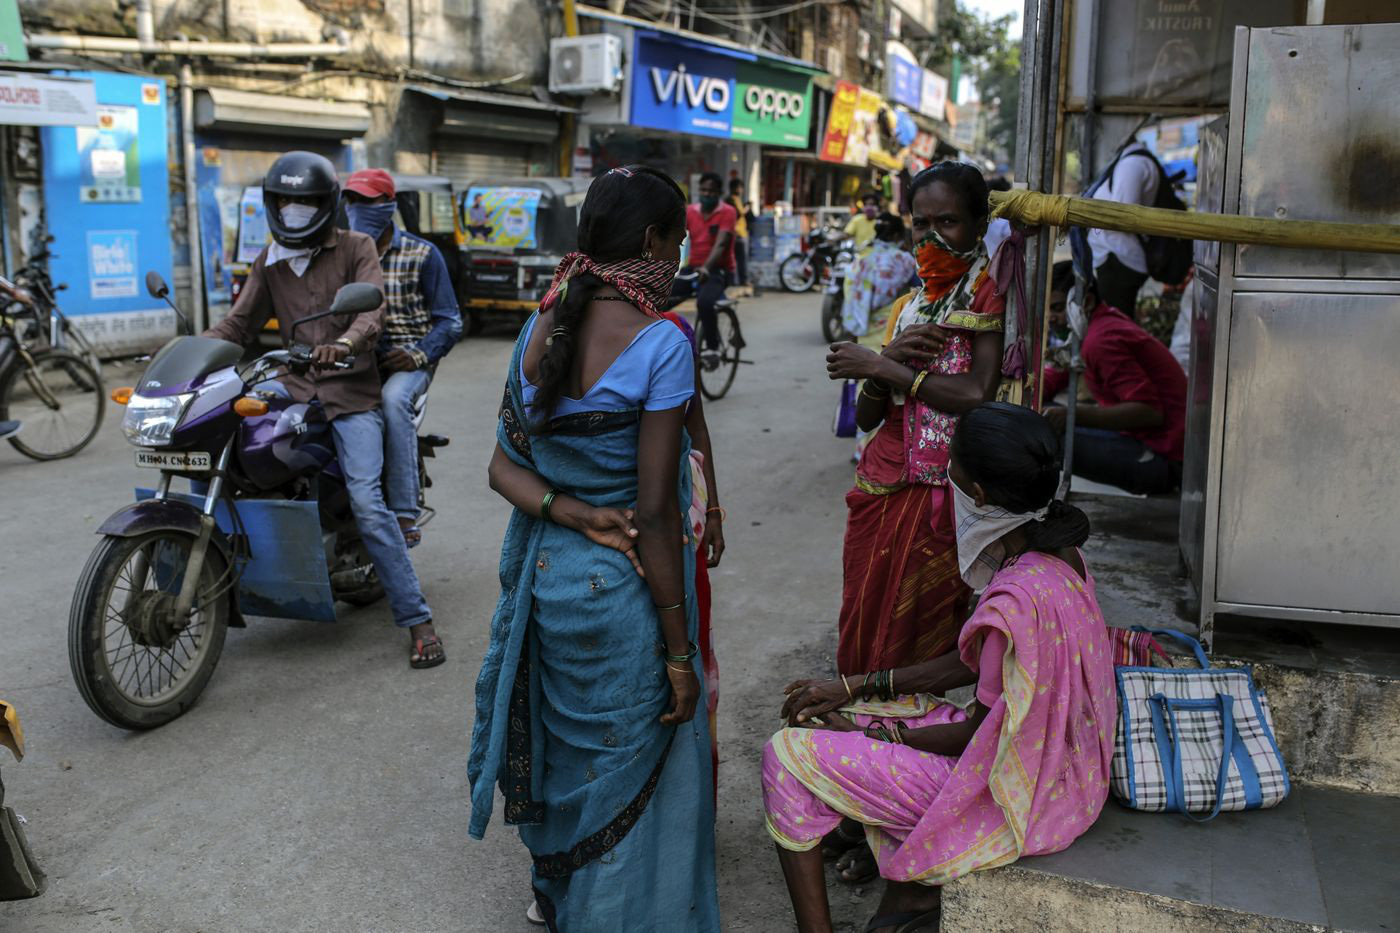 Tỷ lệ thất nghiệp tại Ấn Độ tăng kỷ lục - Ảnh 1.